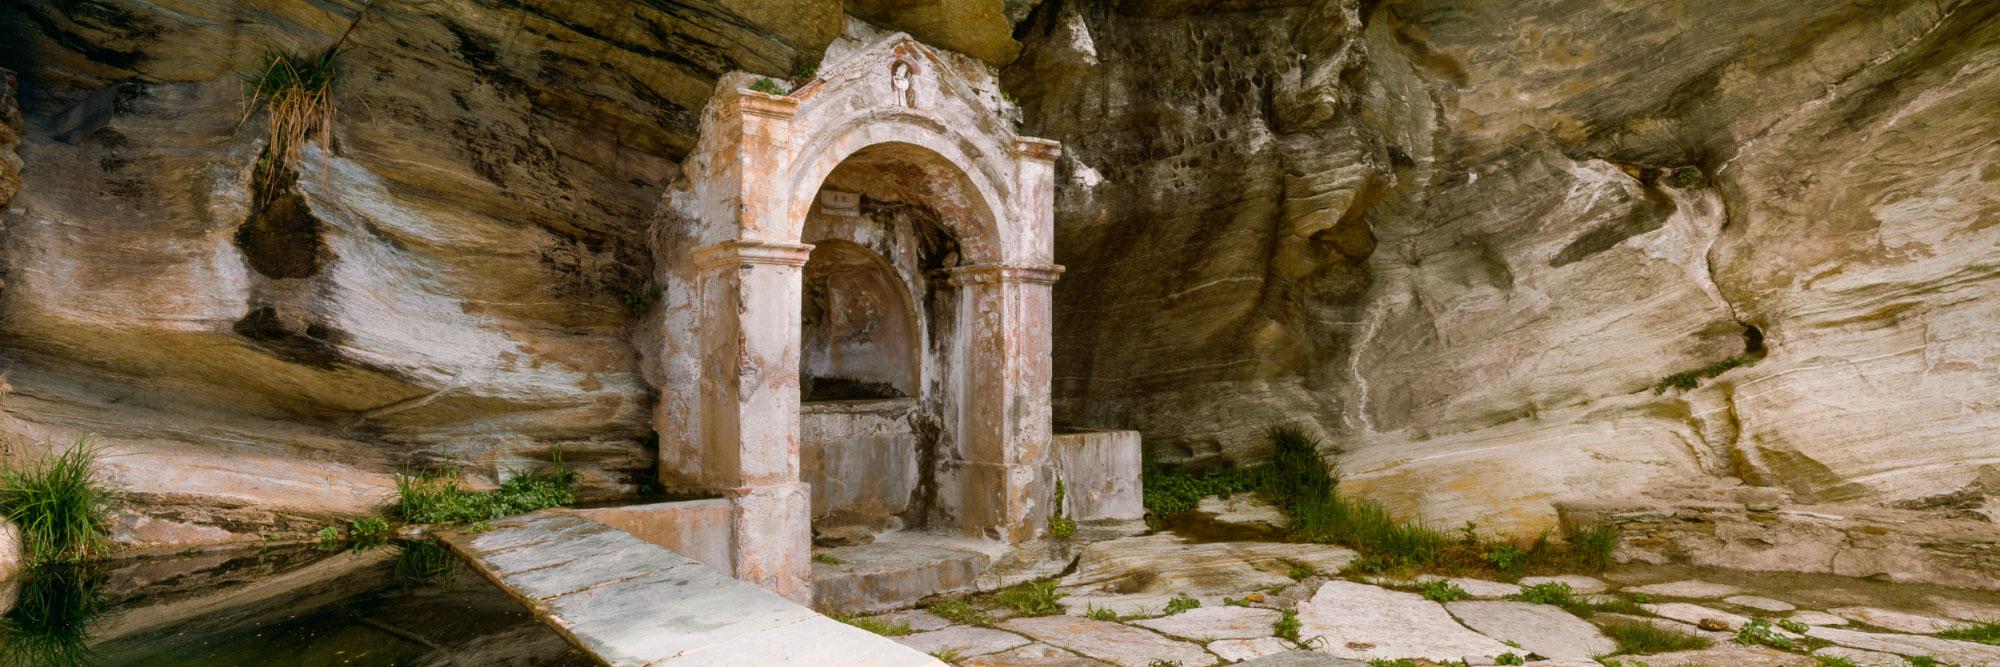 Fontaine, hameau de Canelle (Centuri), Cap Corse